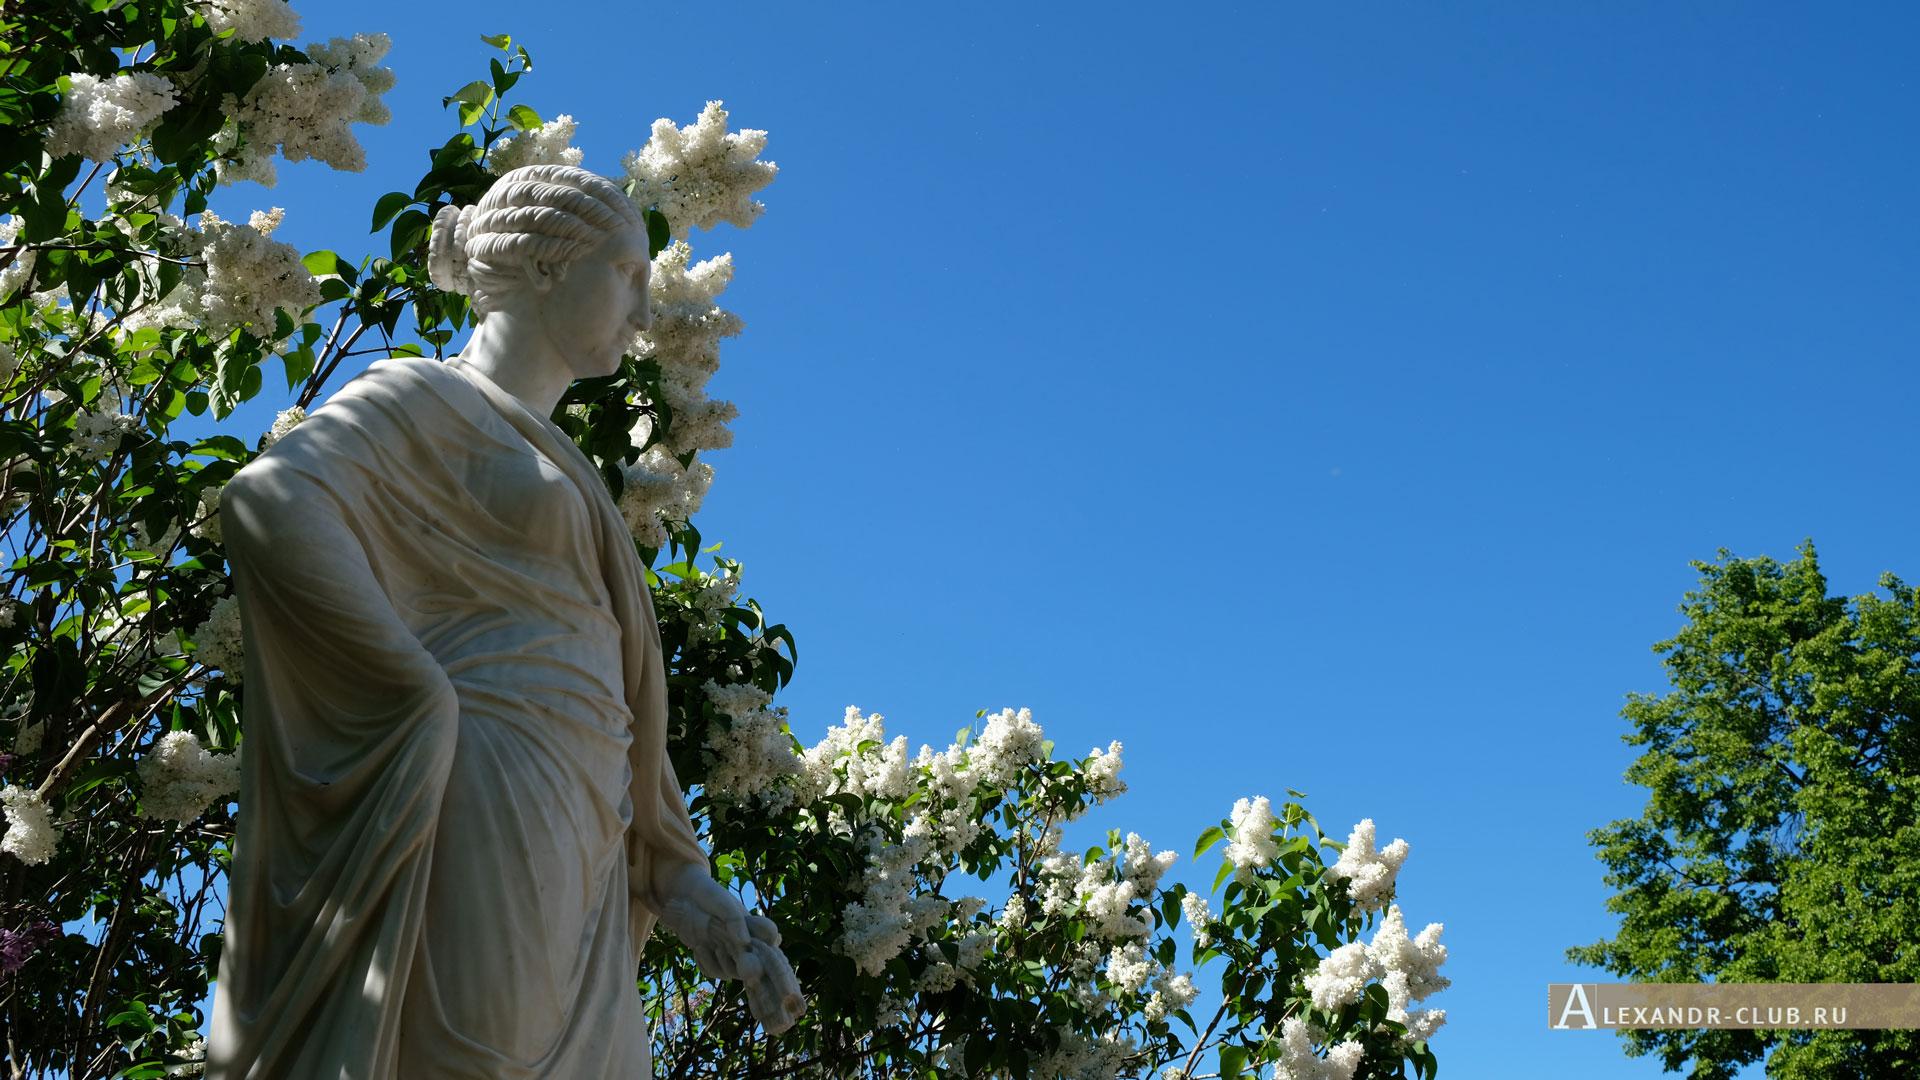 Петергоф, Колонистский парк, лето, Царицын павильон, Мраморная скамья, статуя Цереры